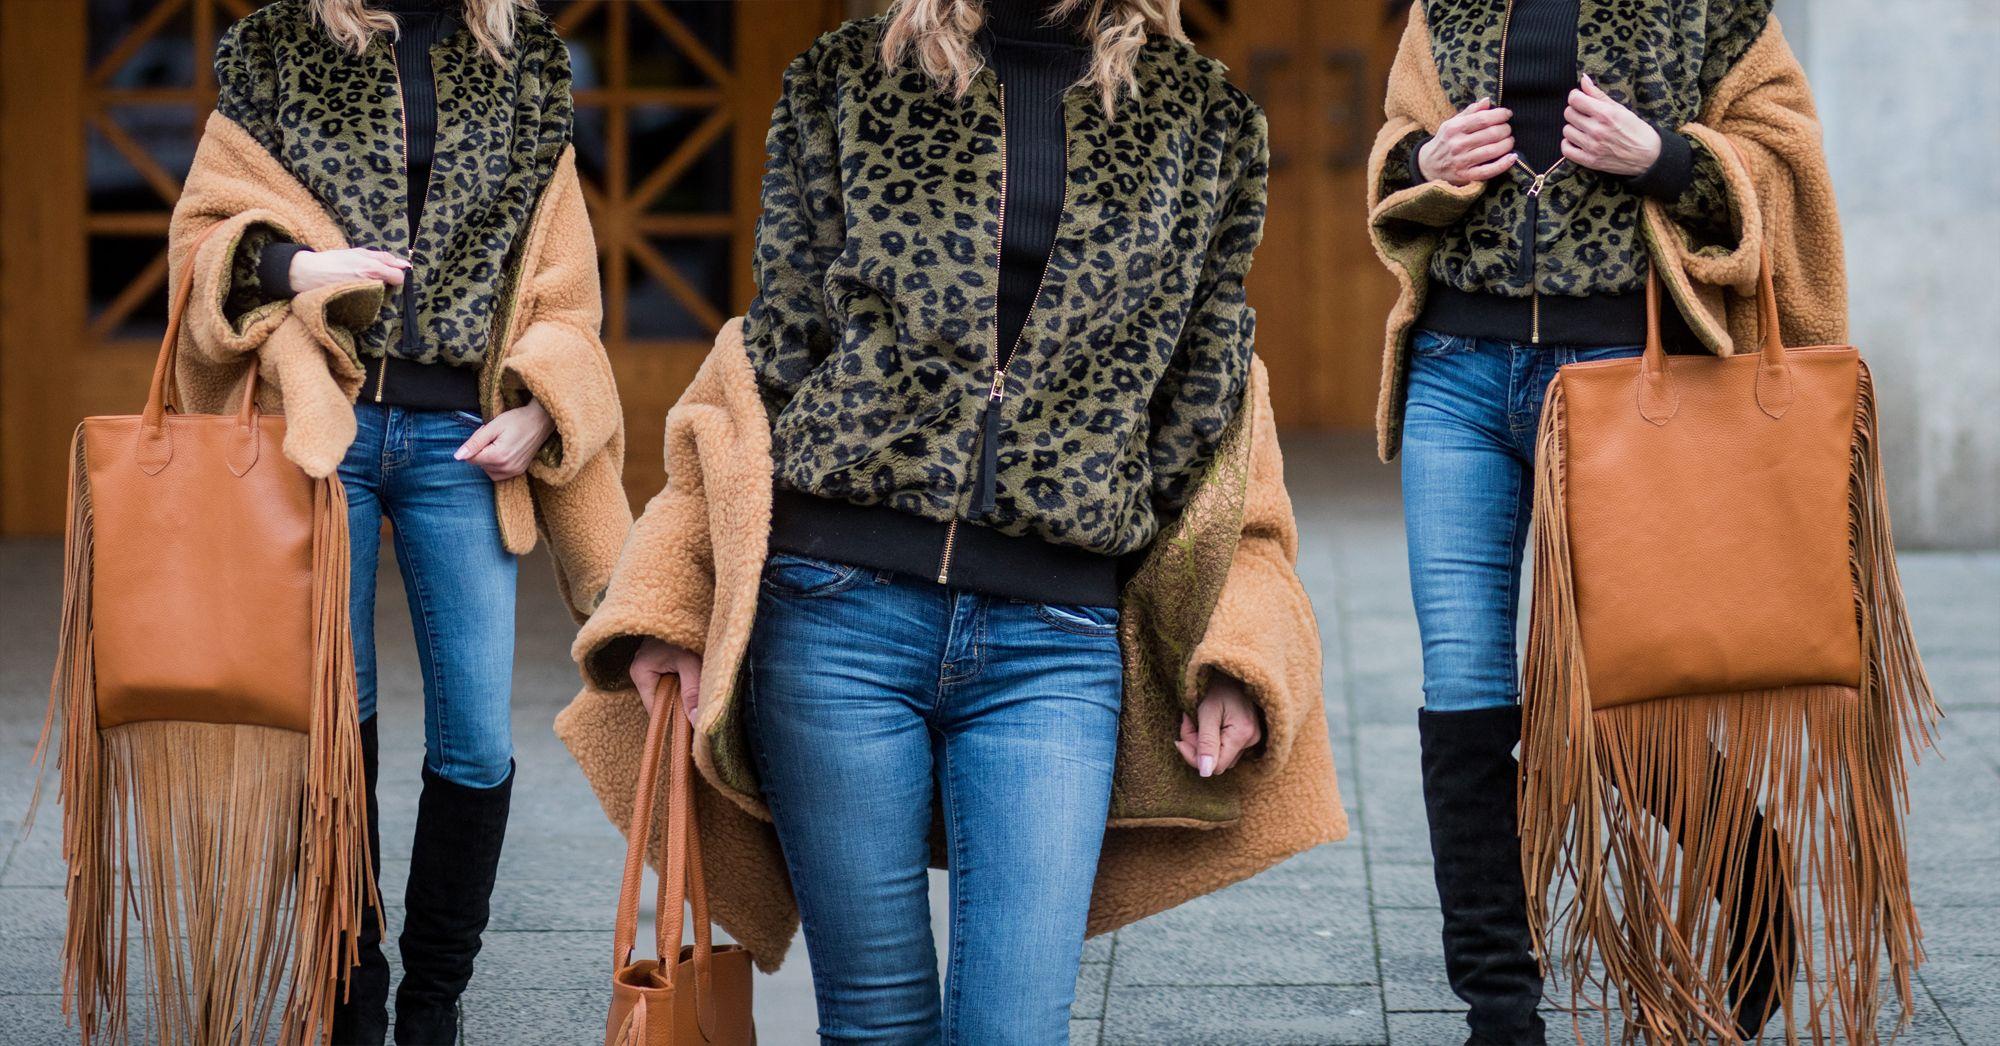 Modelli Figura Jeans Scarpe15 Slanciano La Skinny Che OkTXZiPu